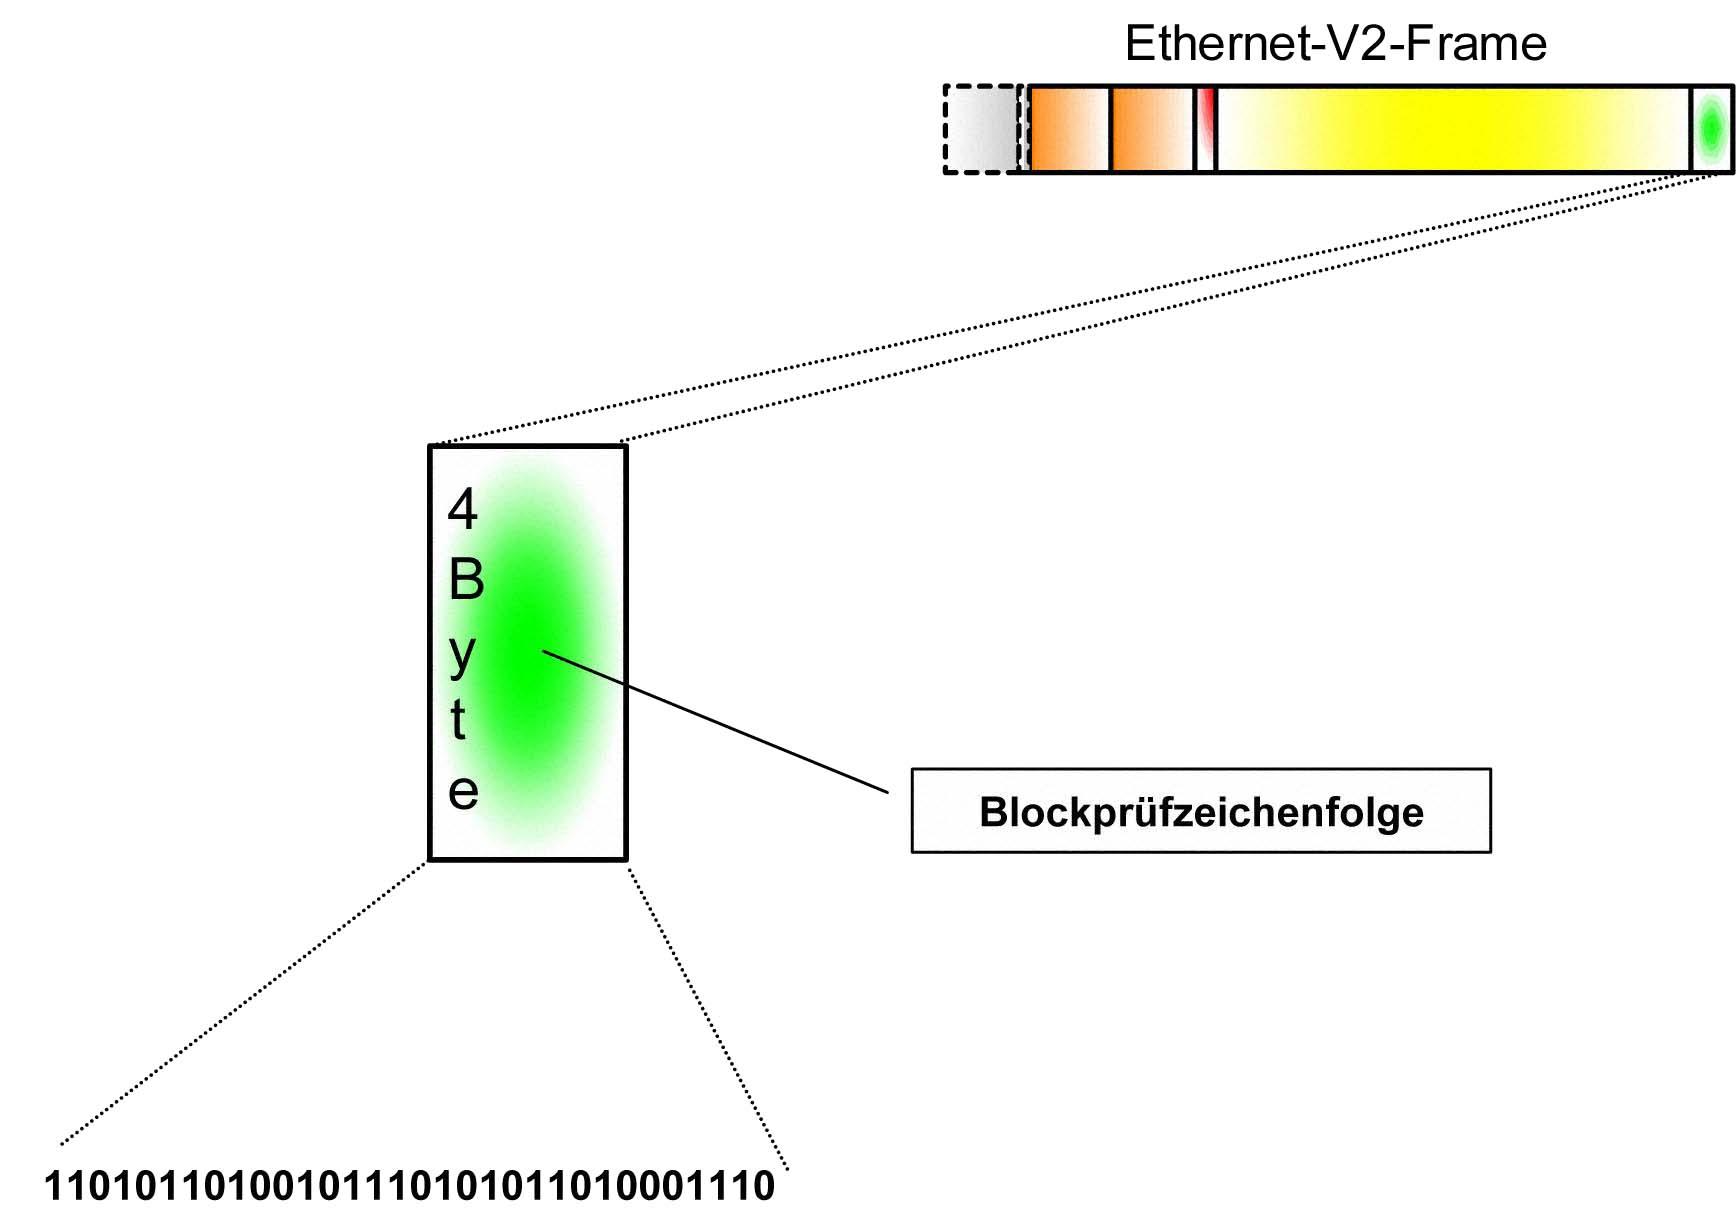 1.4.35. Blockprüfzeichenfolge (Frame Check Sequence)